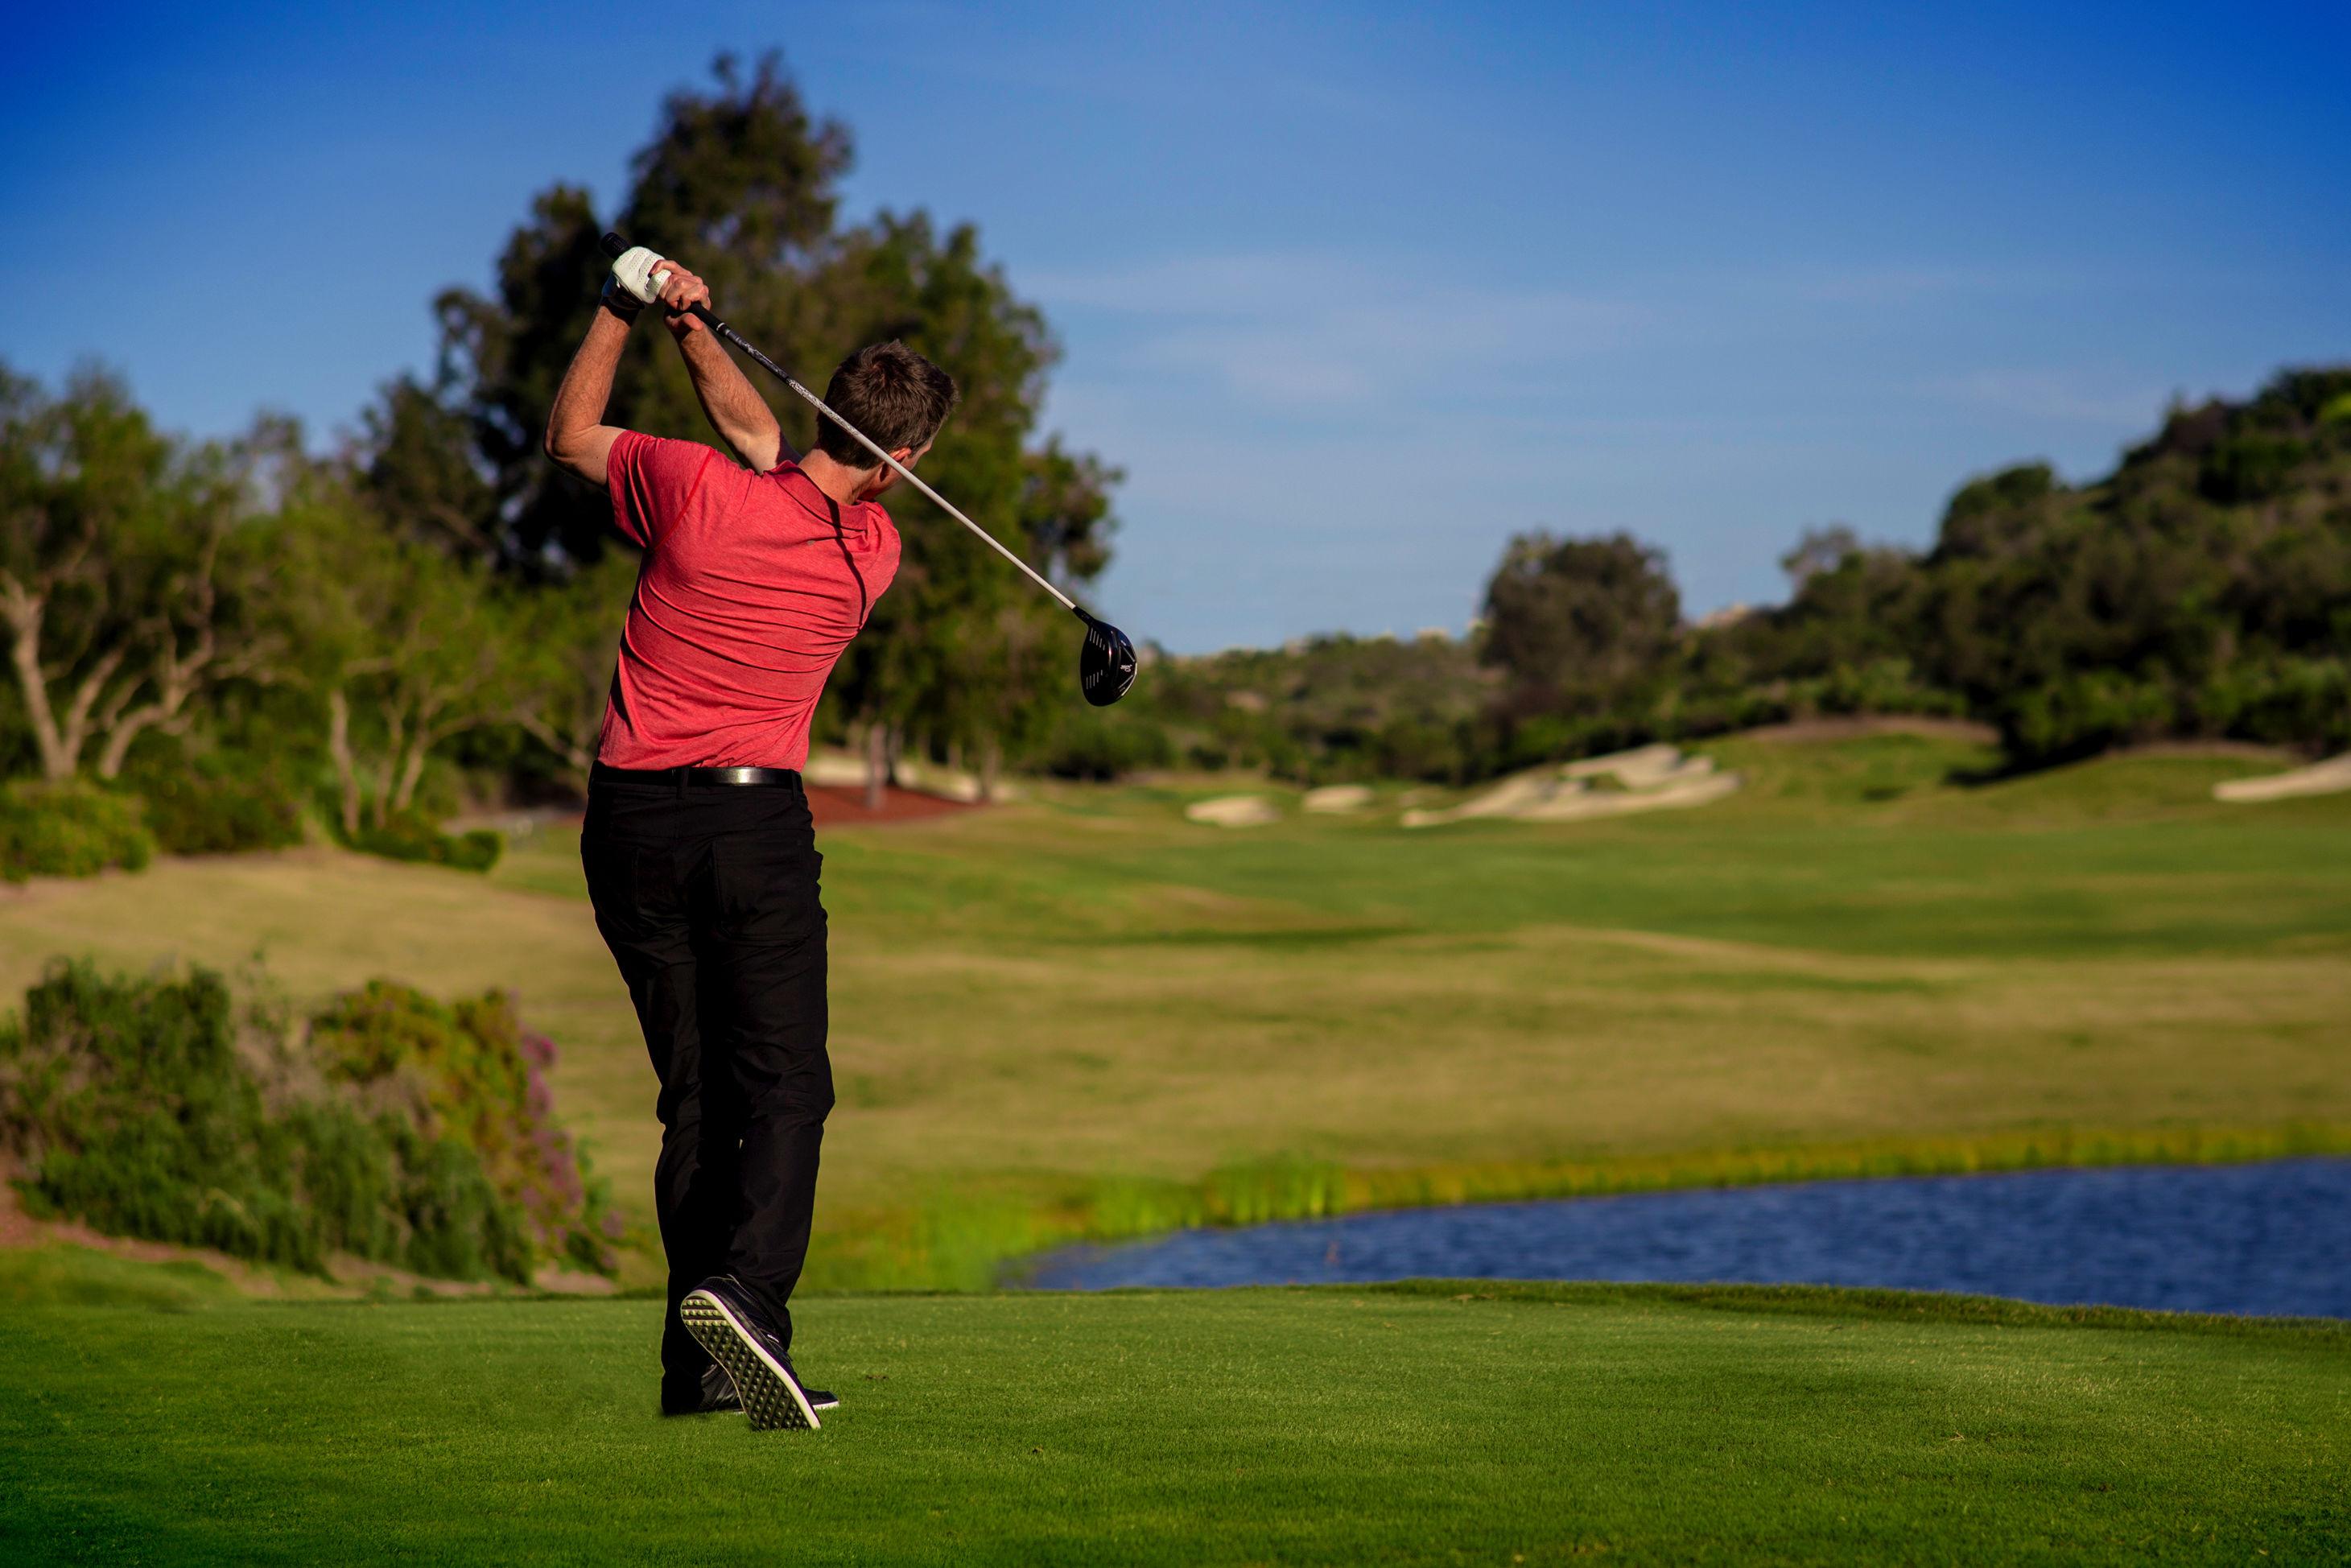 Blast Golf Swing and Stroke Analyzer